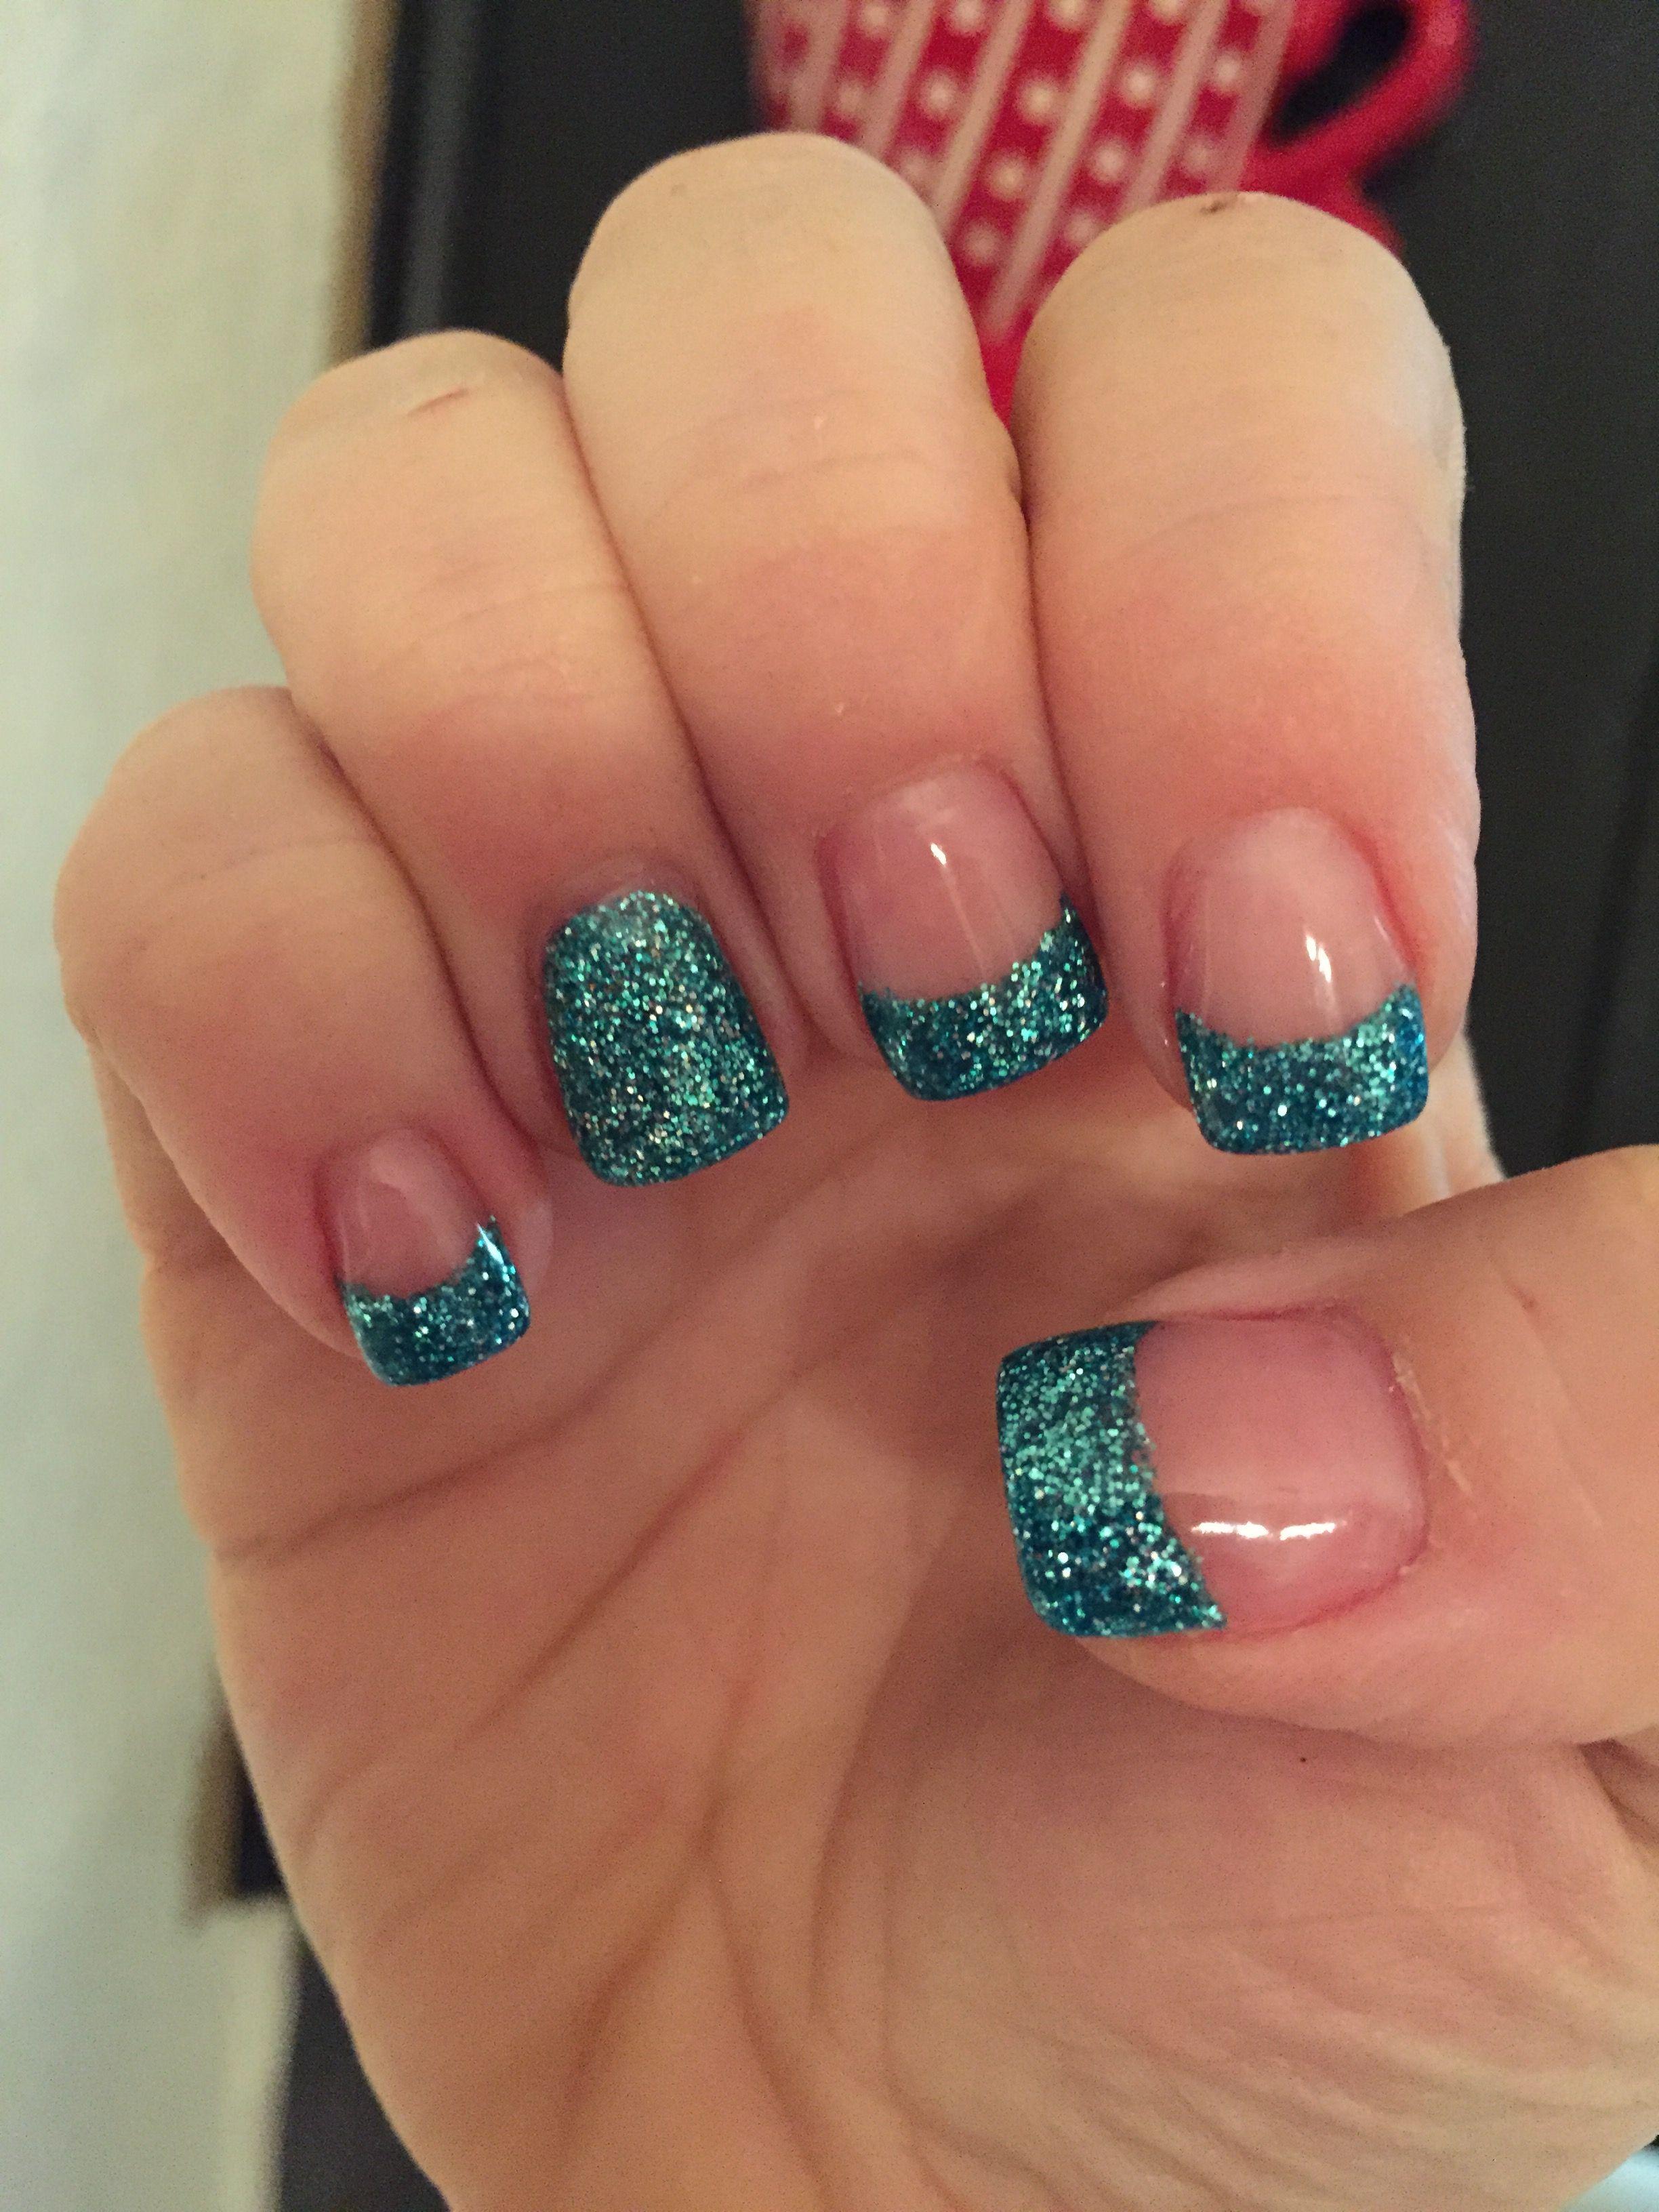 My glitter solar nails | My nails. | Pinterest | Glitter ...